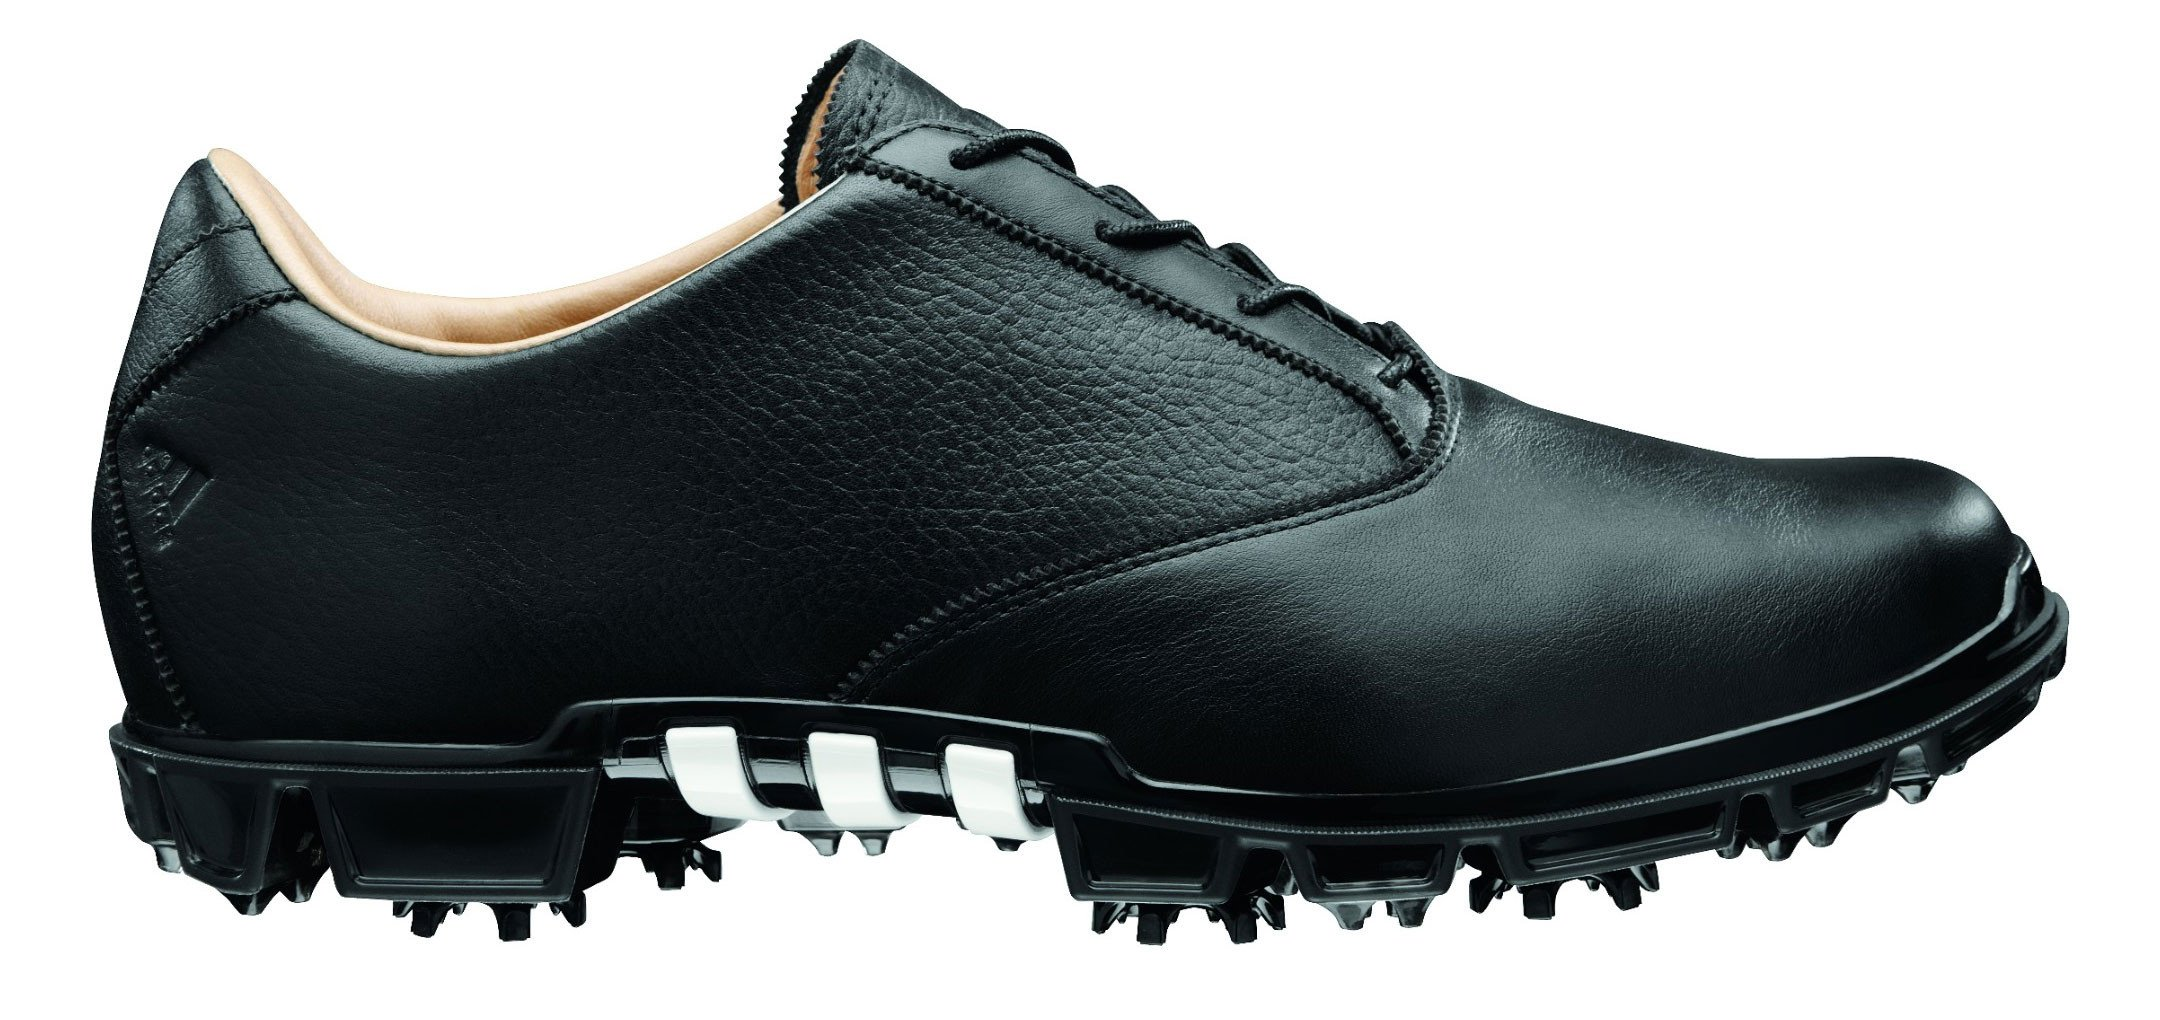 Adidas adiPure Motion negro nuevo descuento zapatos de golf huracán Golf